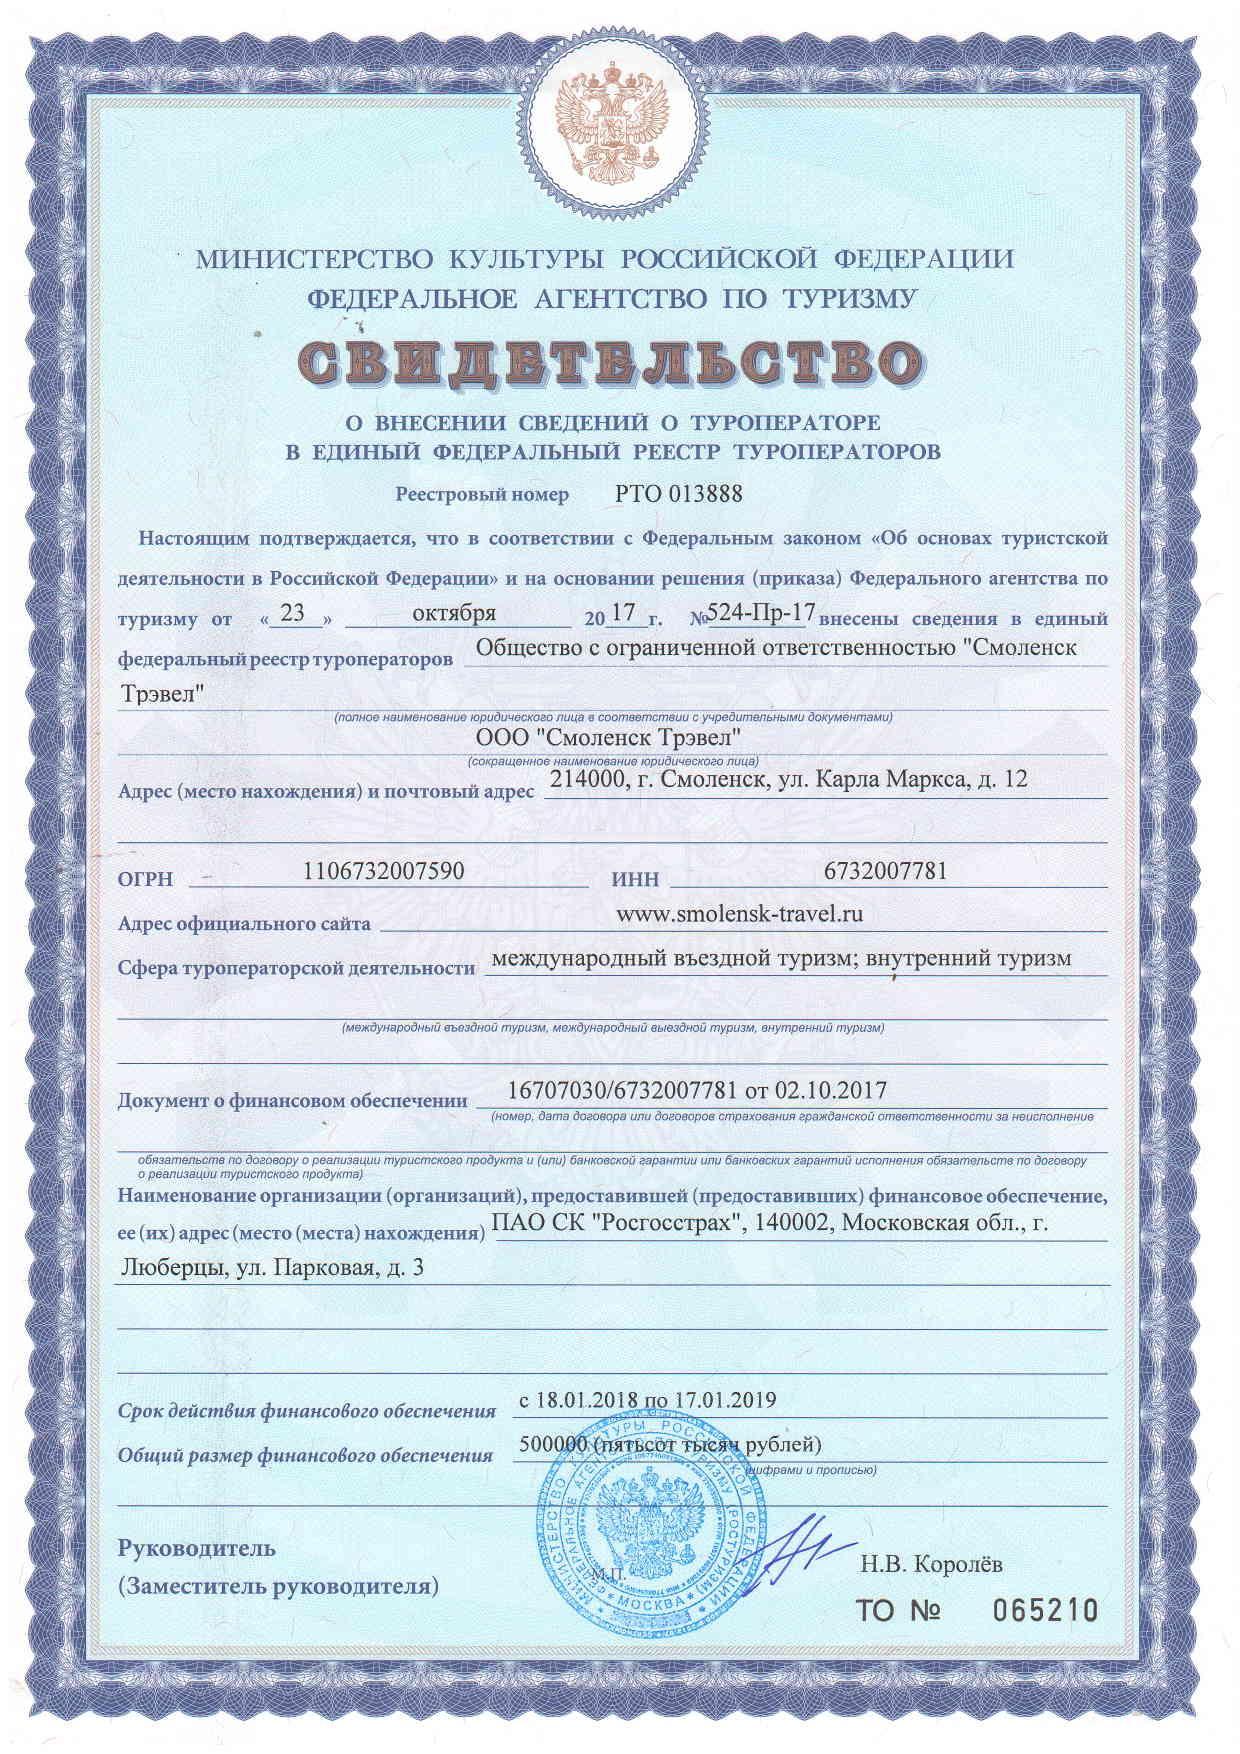 О компании Смоленск Трэвел Компания была создана с целью продвижения туристских ресурсов города Смоленска и Смоленской области